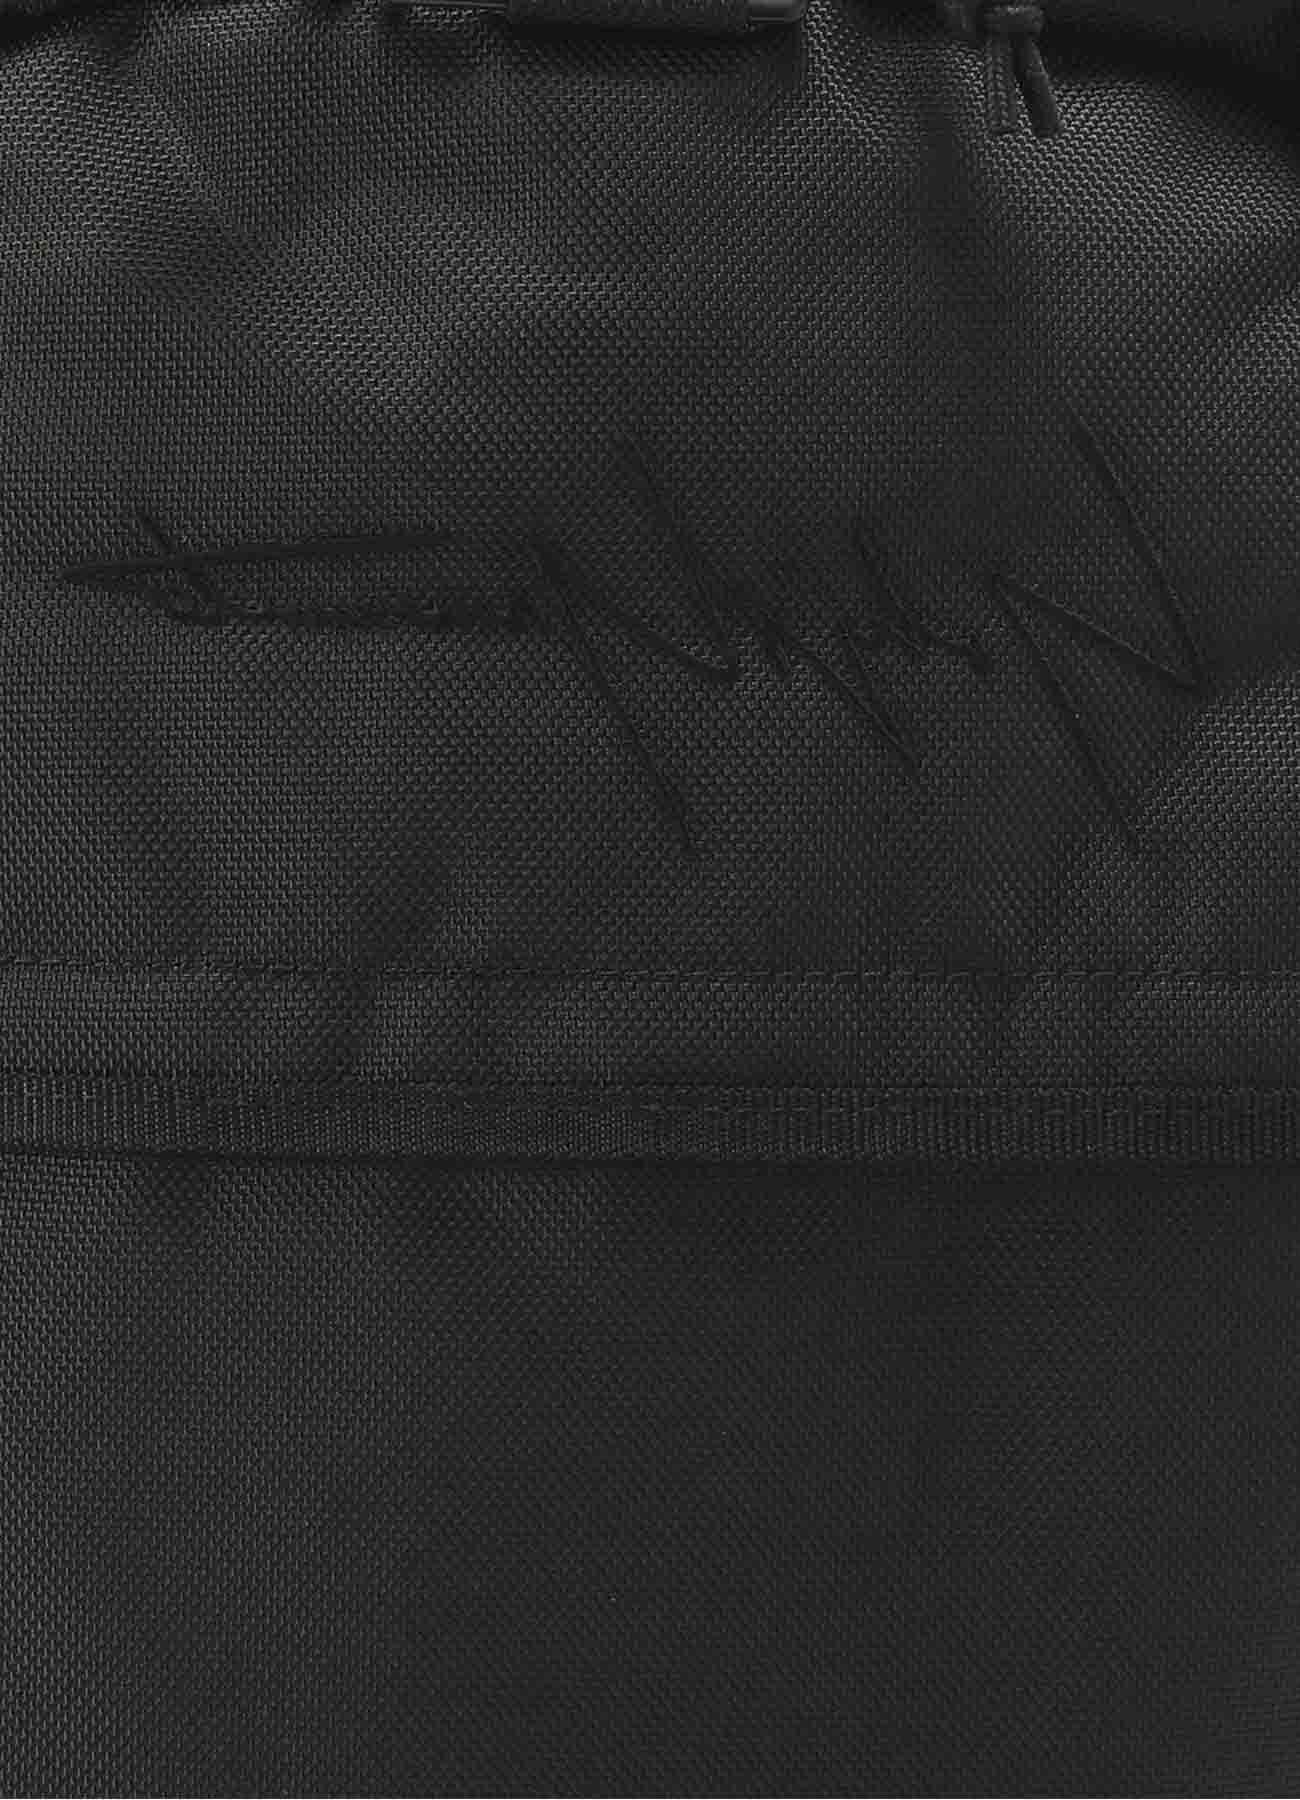 Yohji Yamamoto x NEWERA Smart Pack